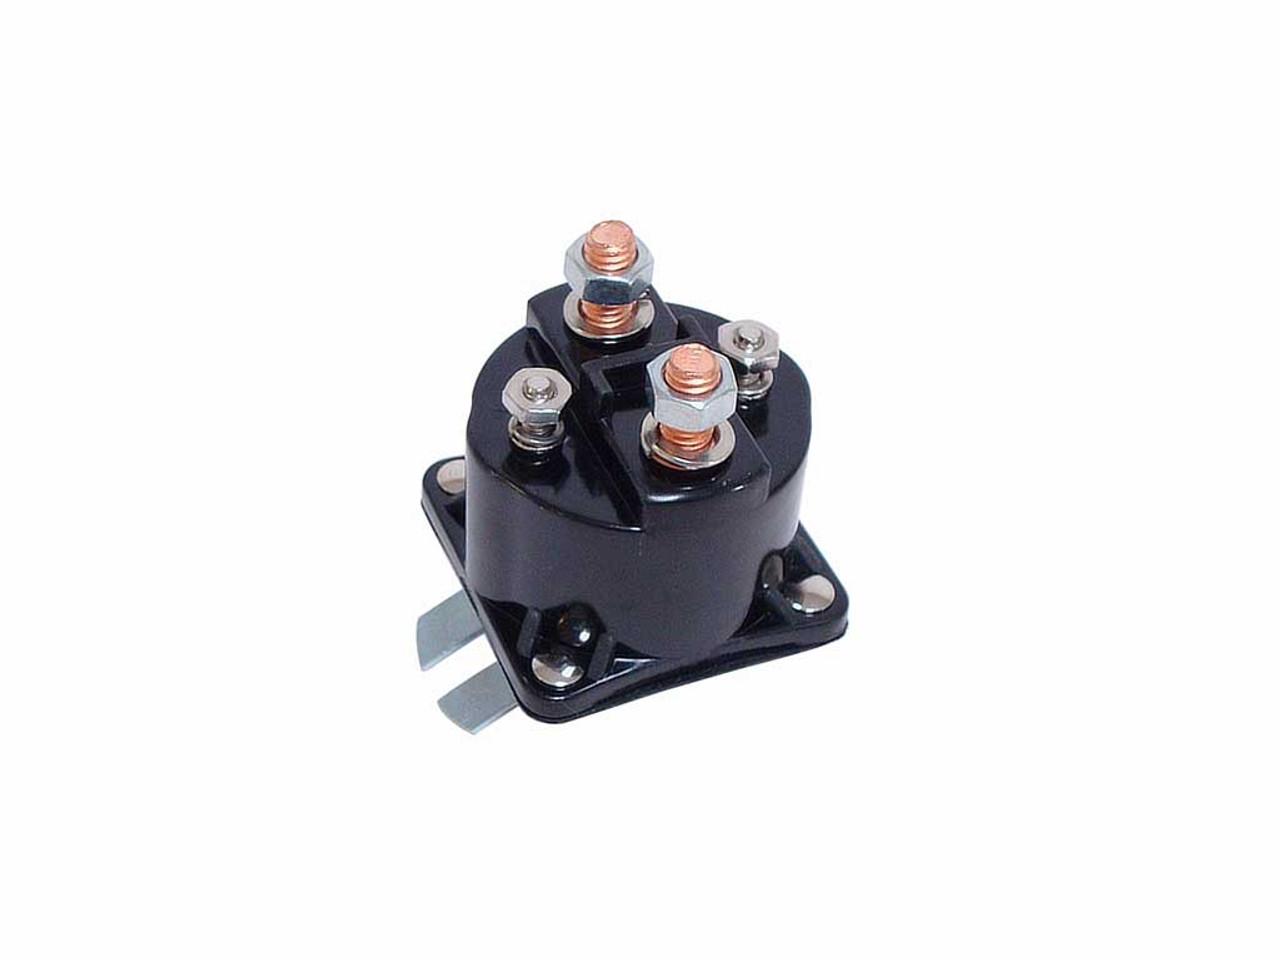 lift trailer solenoid wiring diagram [ 1024 x 768 Pixel ]